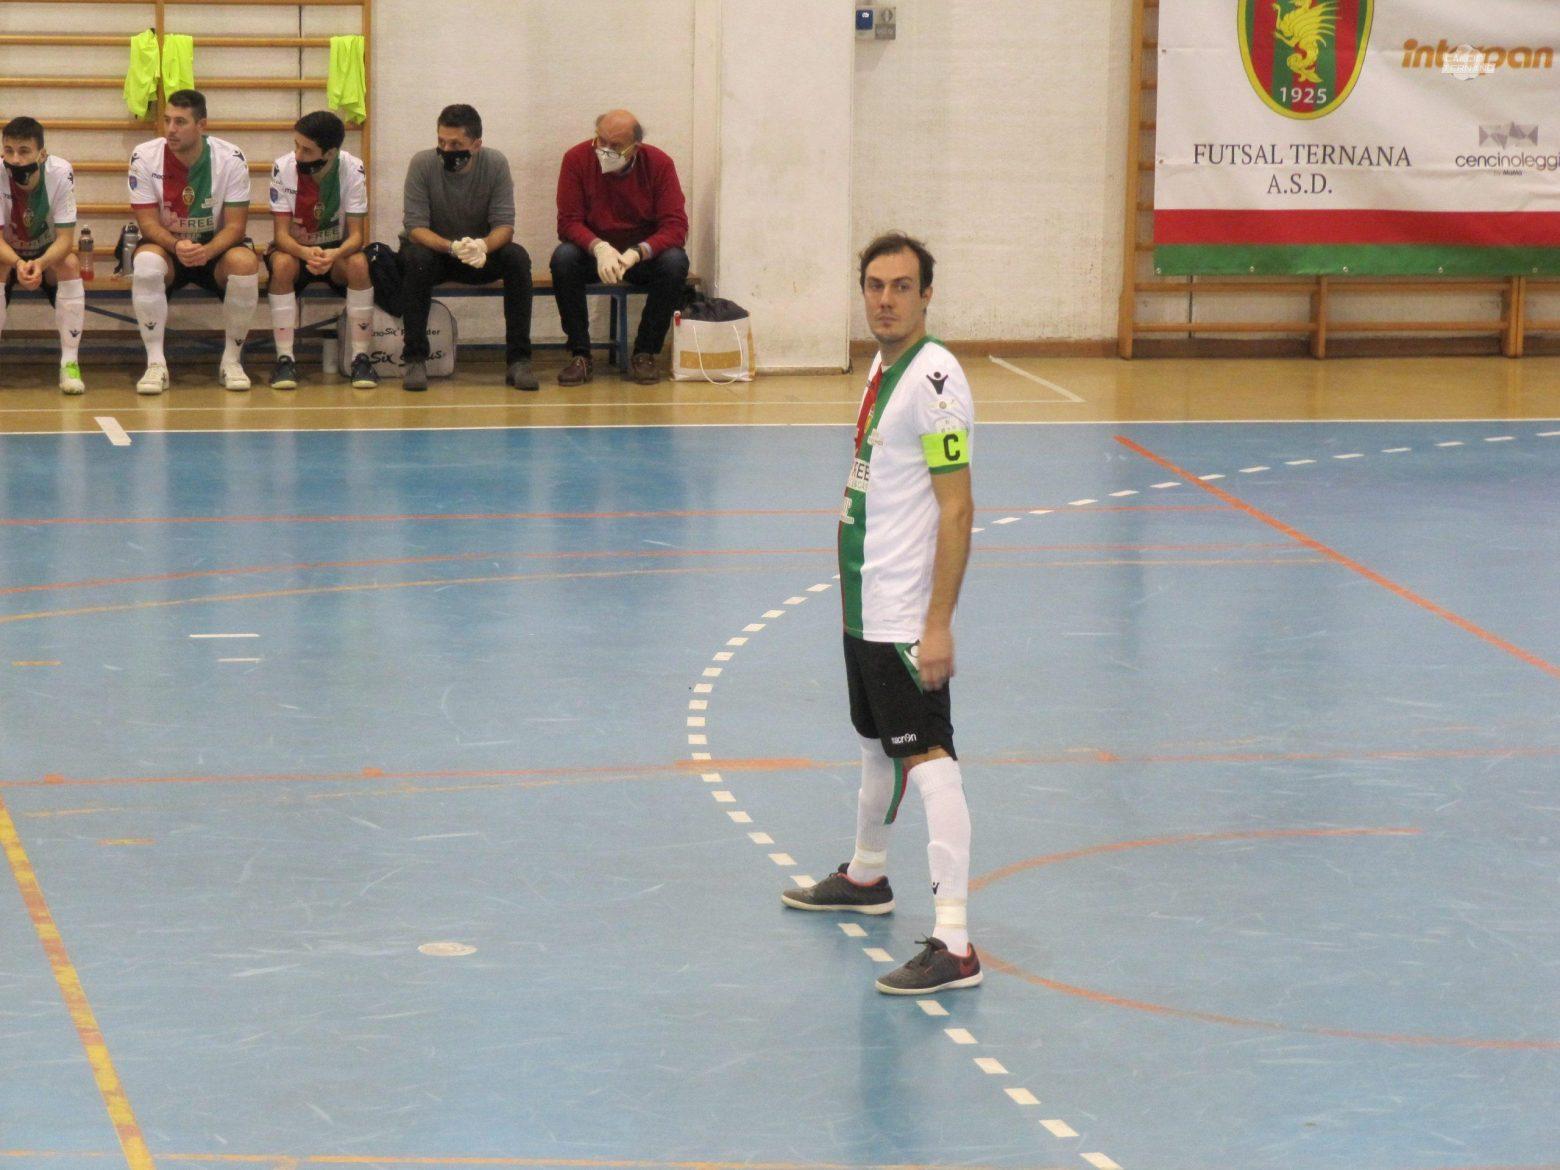 Futsal Ternana - Potenza Picena